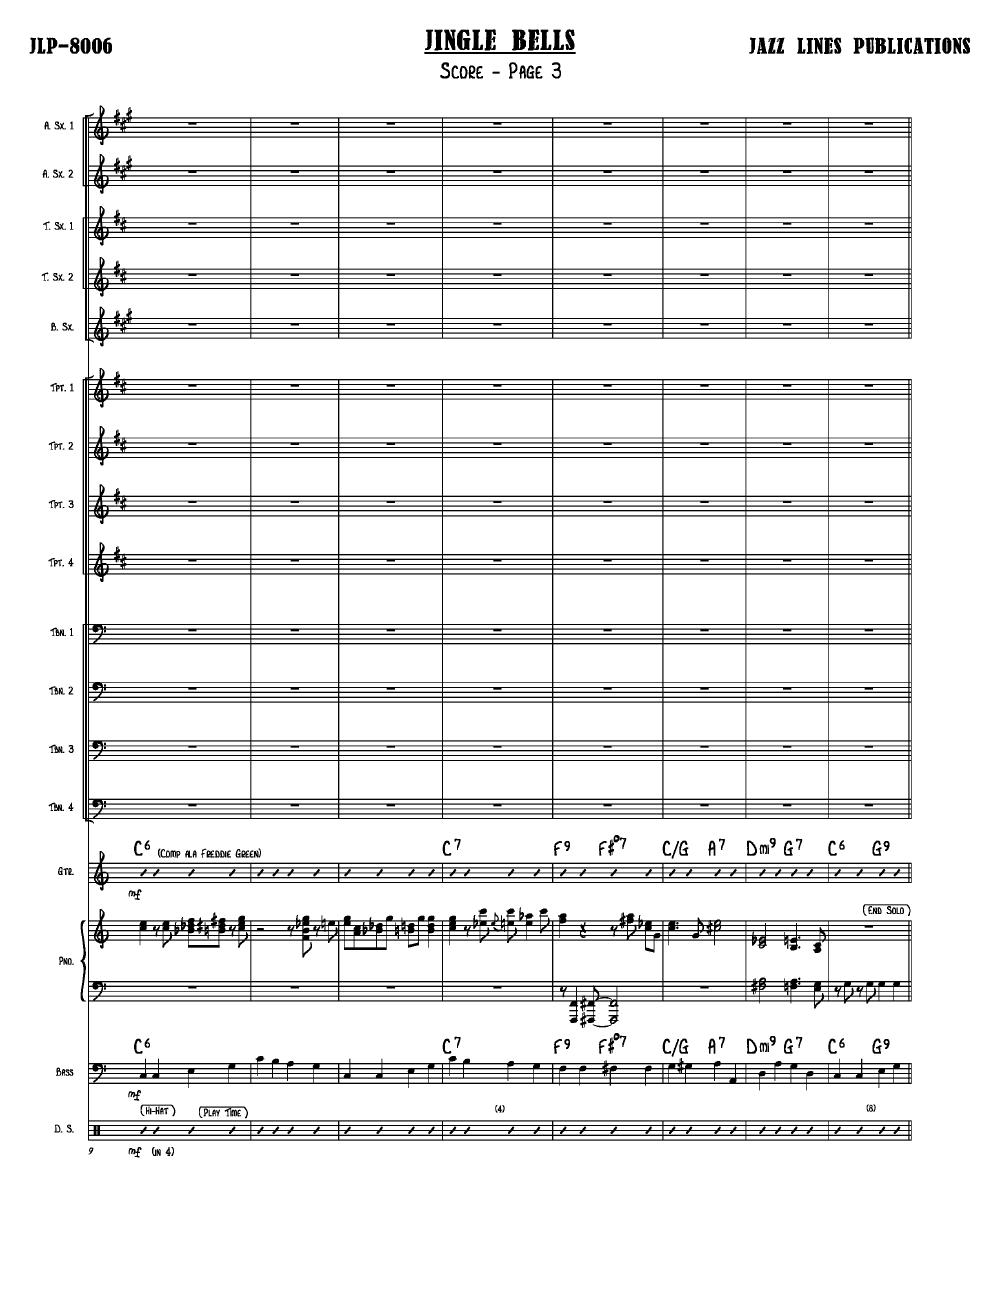 Jingle Bells Arr Ernie Wilkins Jw Pepper Sheet Music